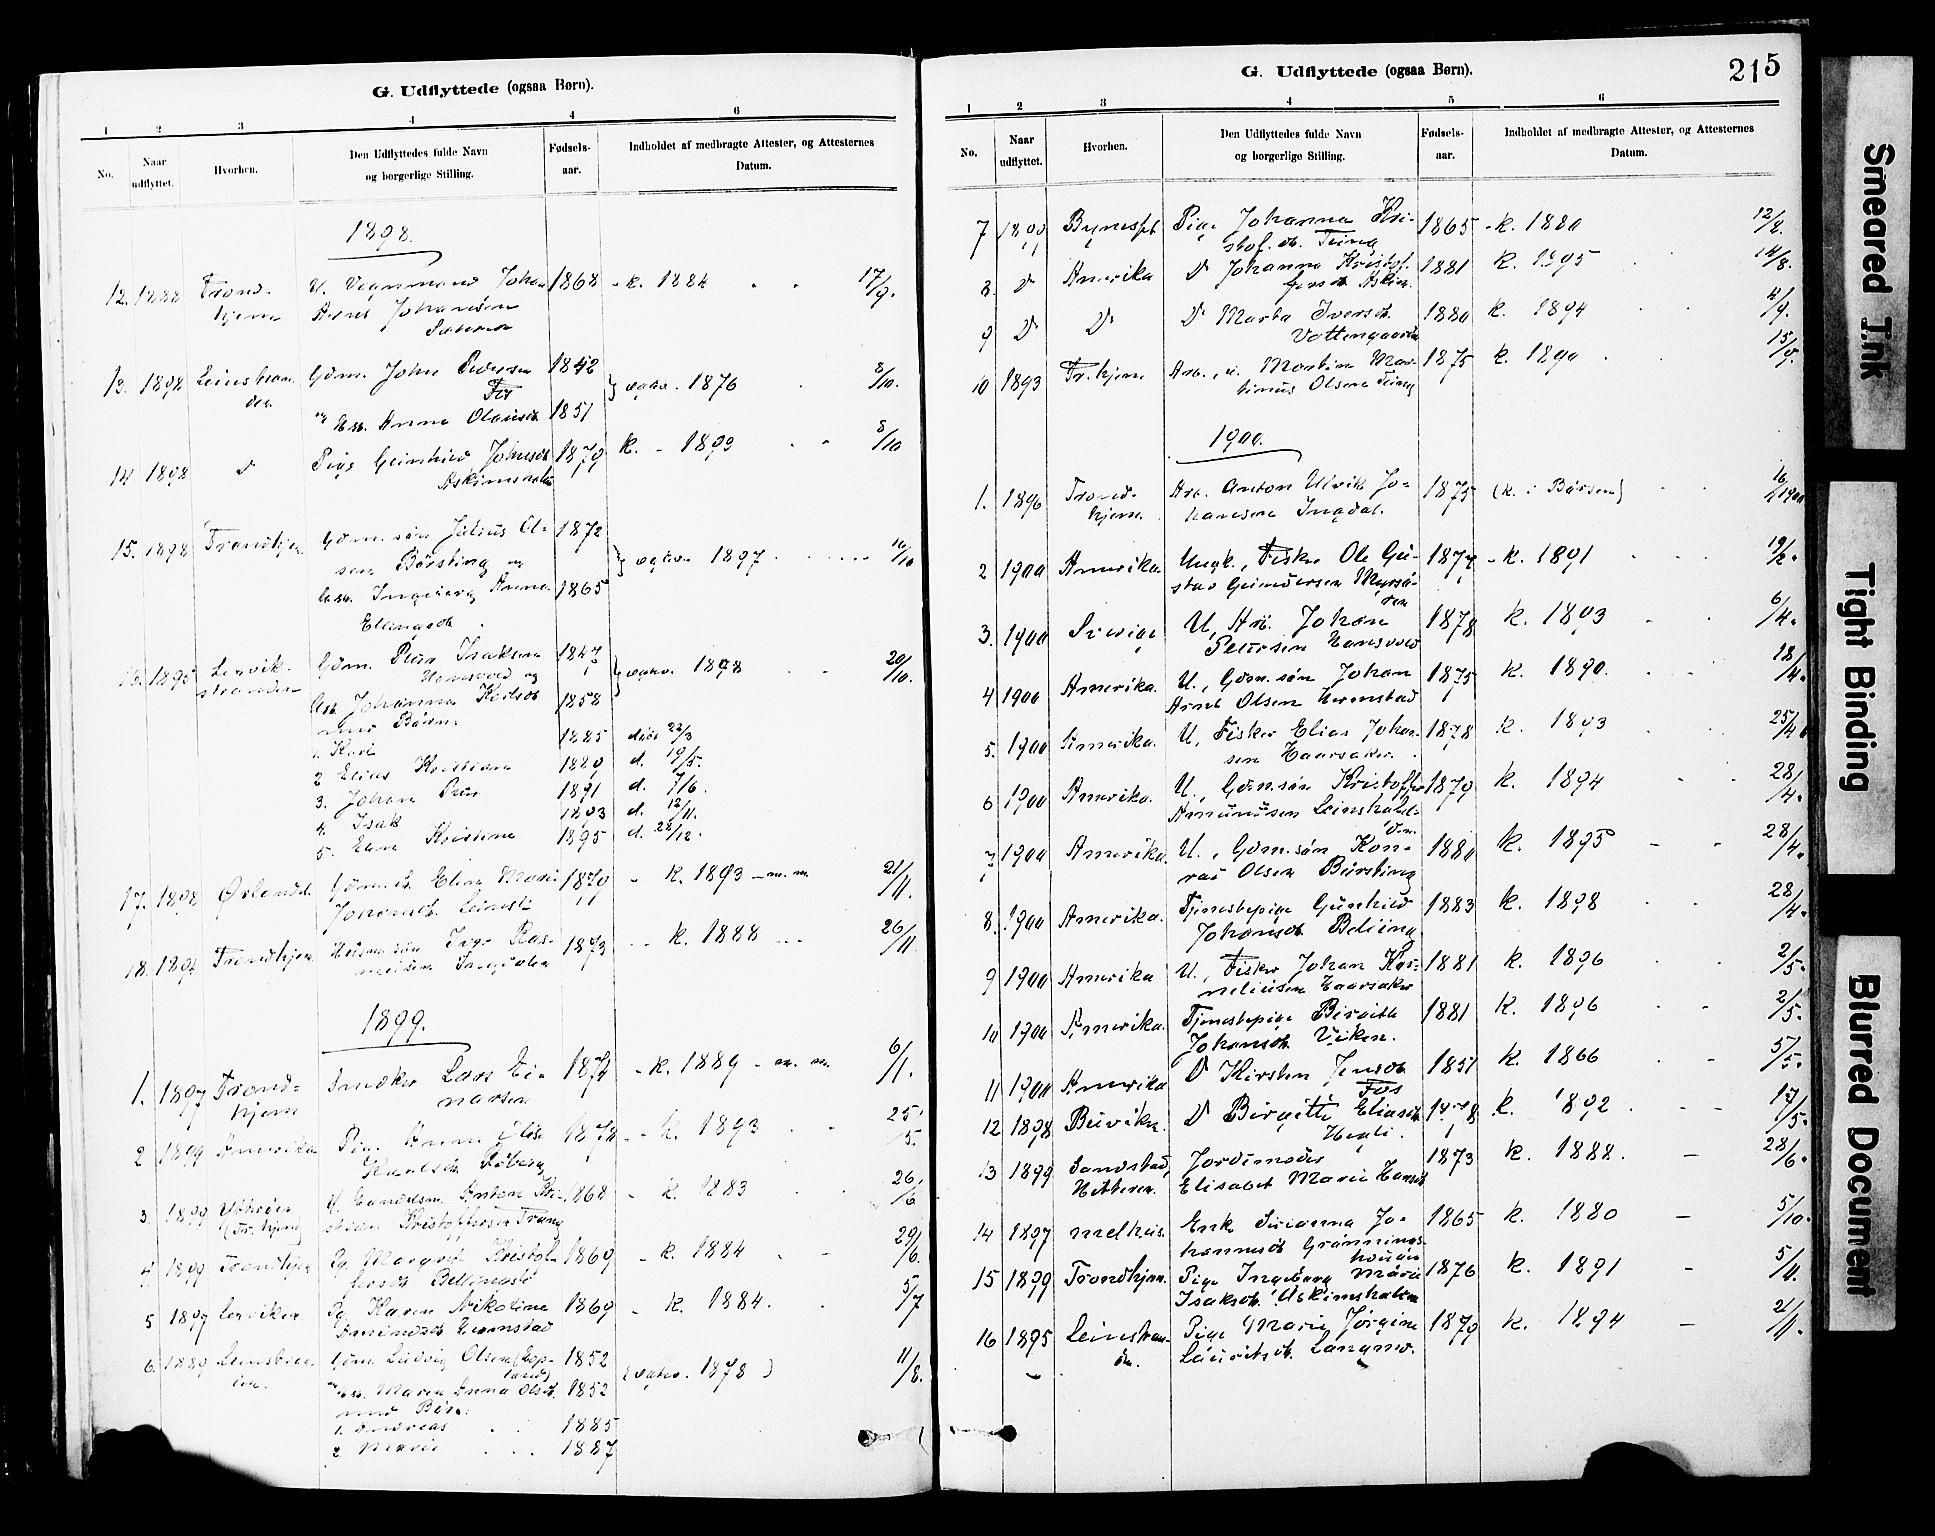 SAT, Ministerialprotokoller, klokkerbøker og fødselsregistre - Sør-Trøndelag, 646/L0615: Ministerialbok nr. 646A13, 1885-1900, s. 215